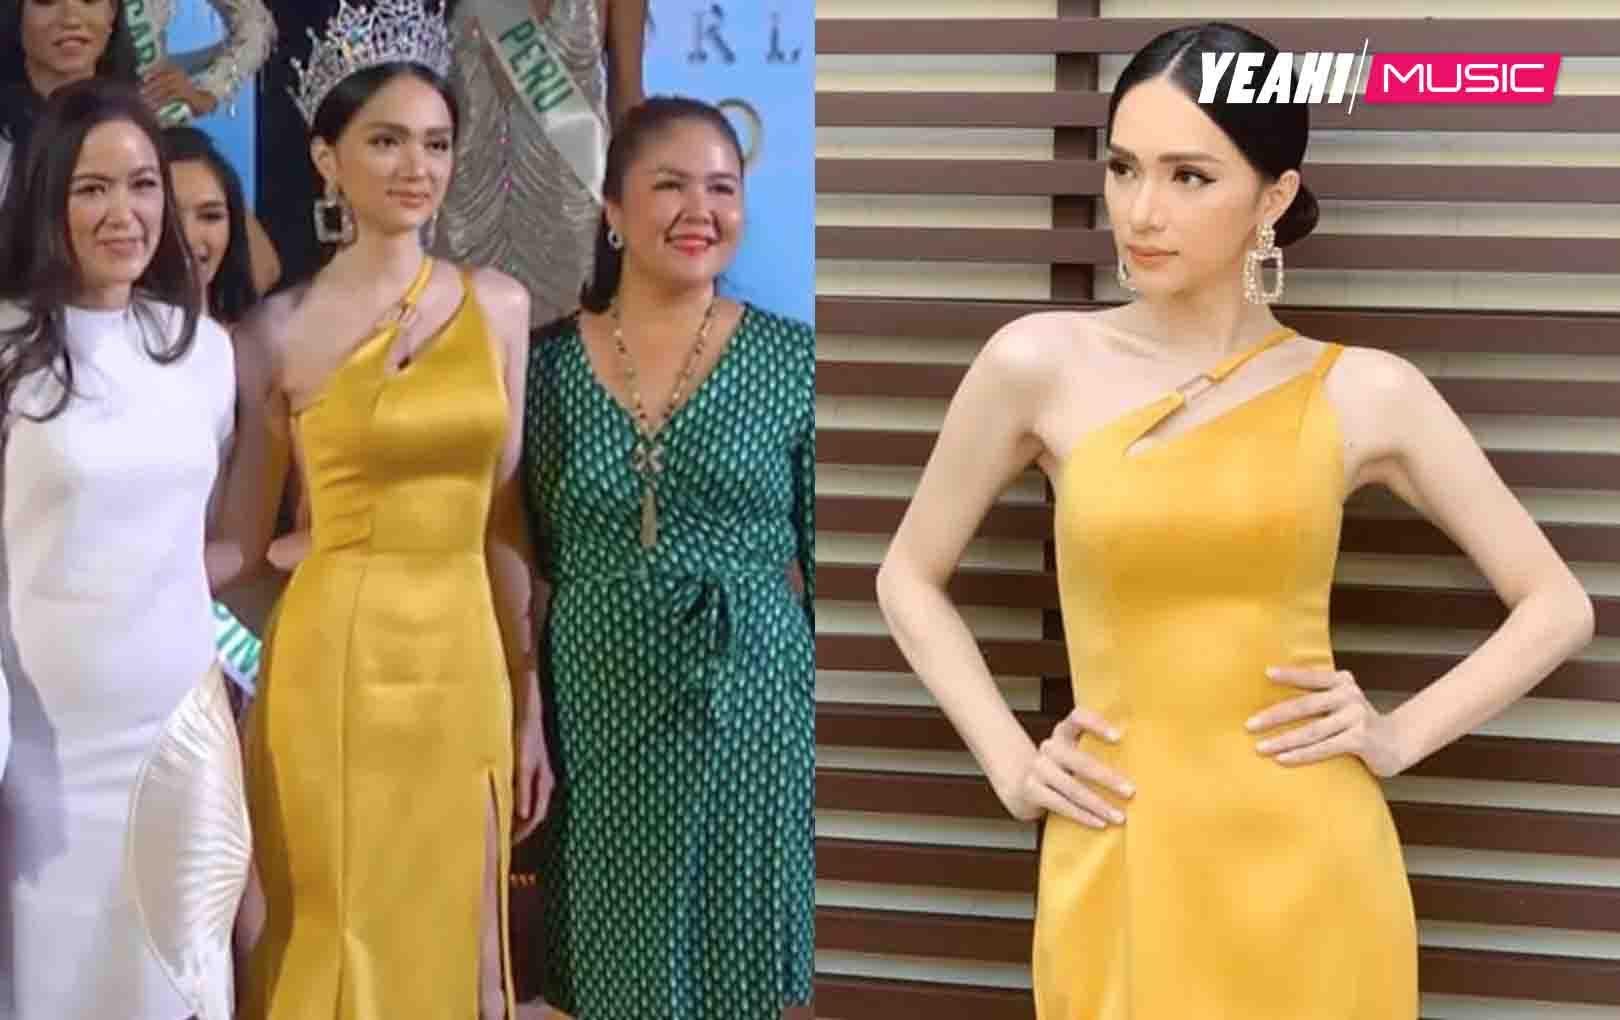 Hương Giang lộng lẫy tựa nữ thần, đẹp lấn át các cựu Hoa hậu Chuyển giới Quốc tế